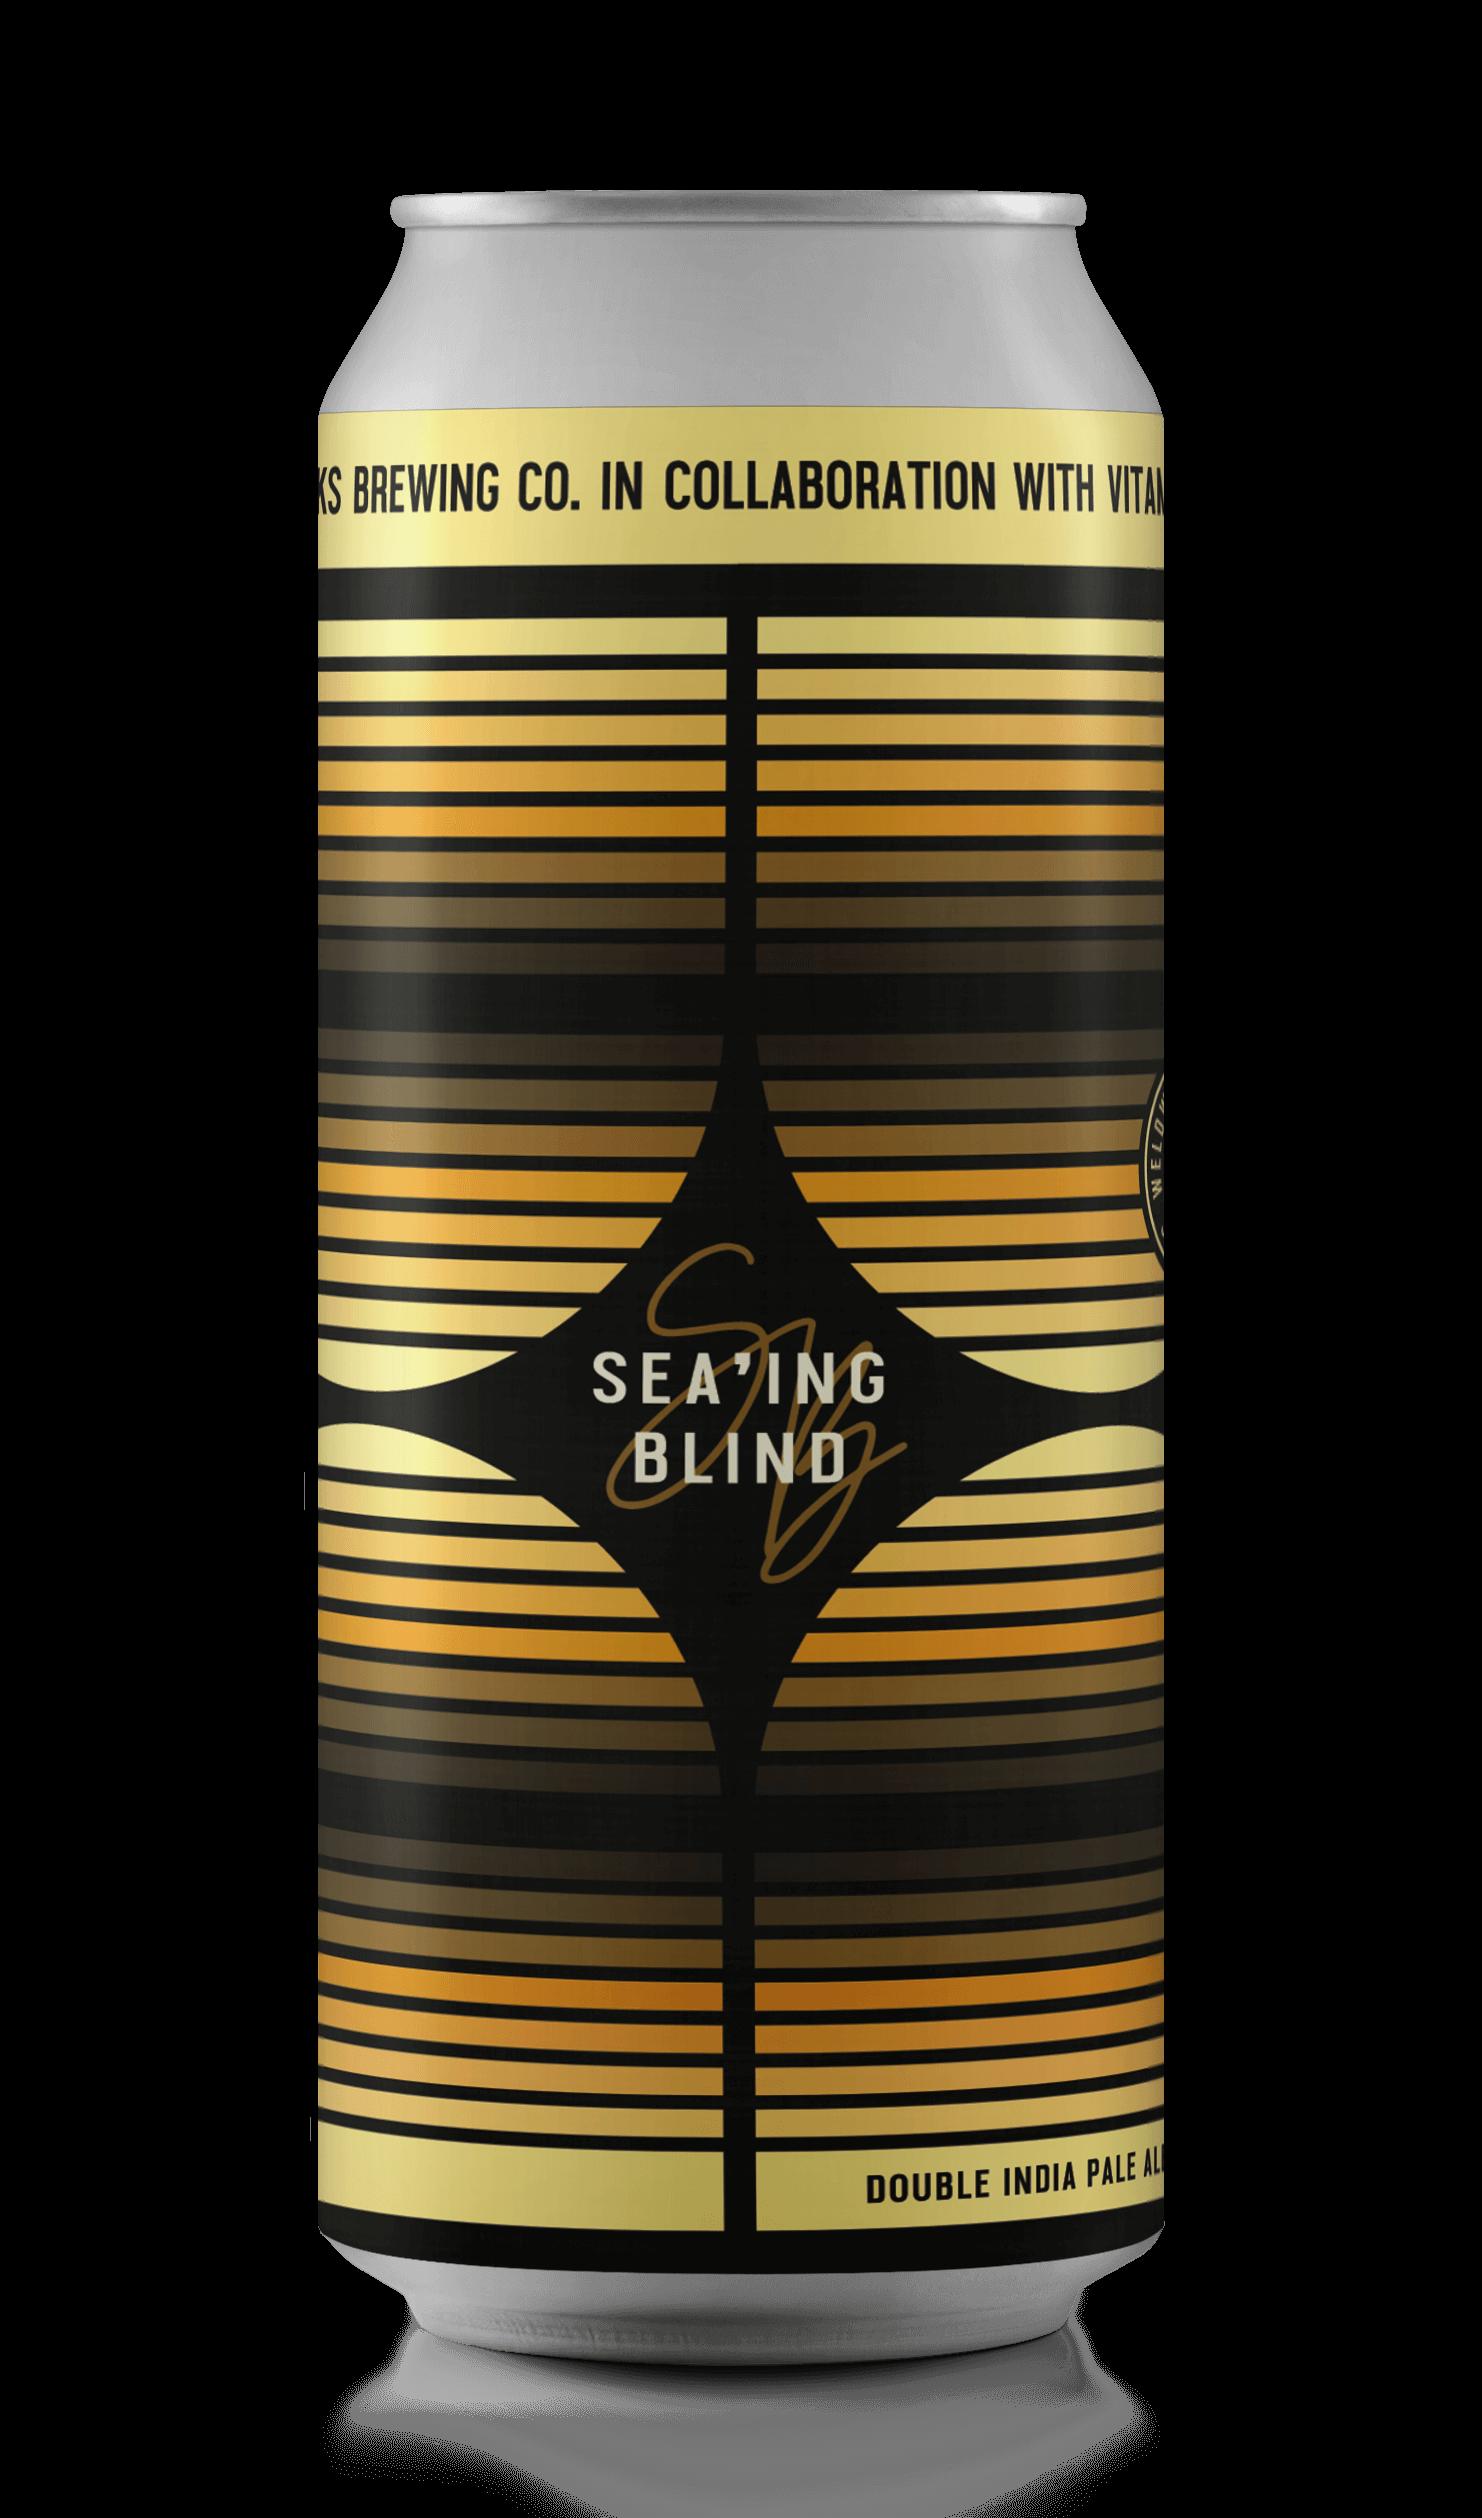 Sea'ing Blind